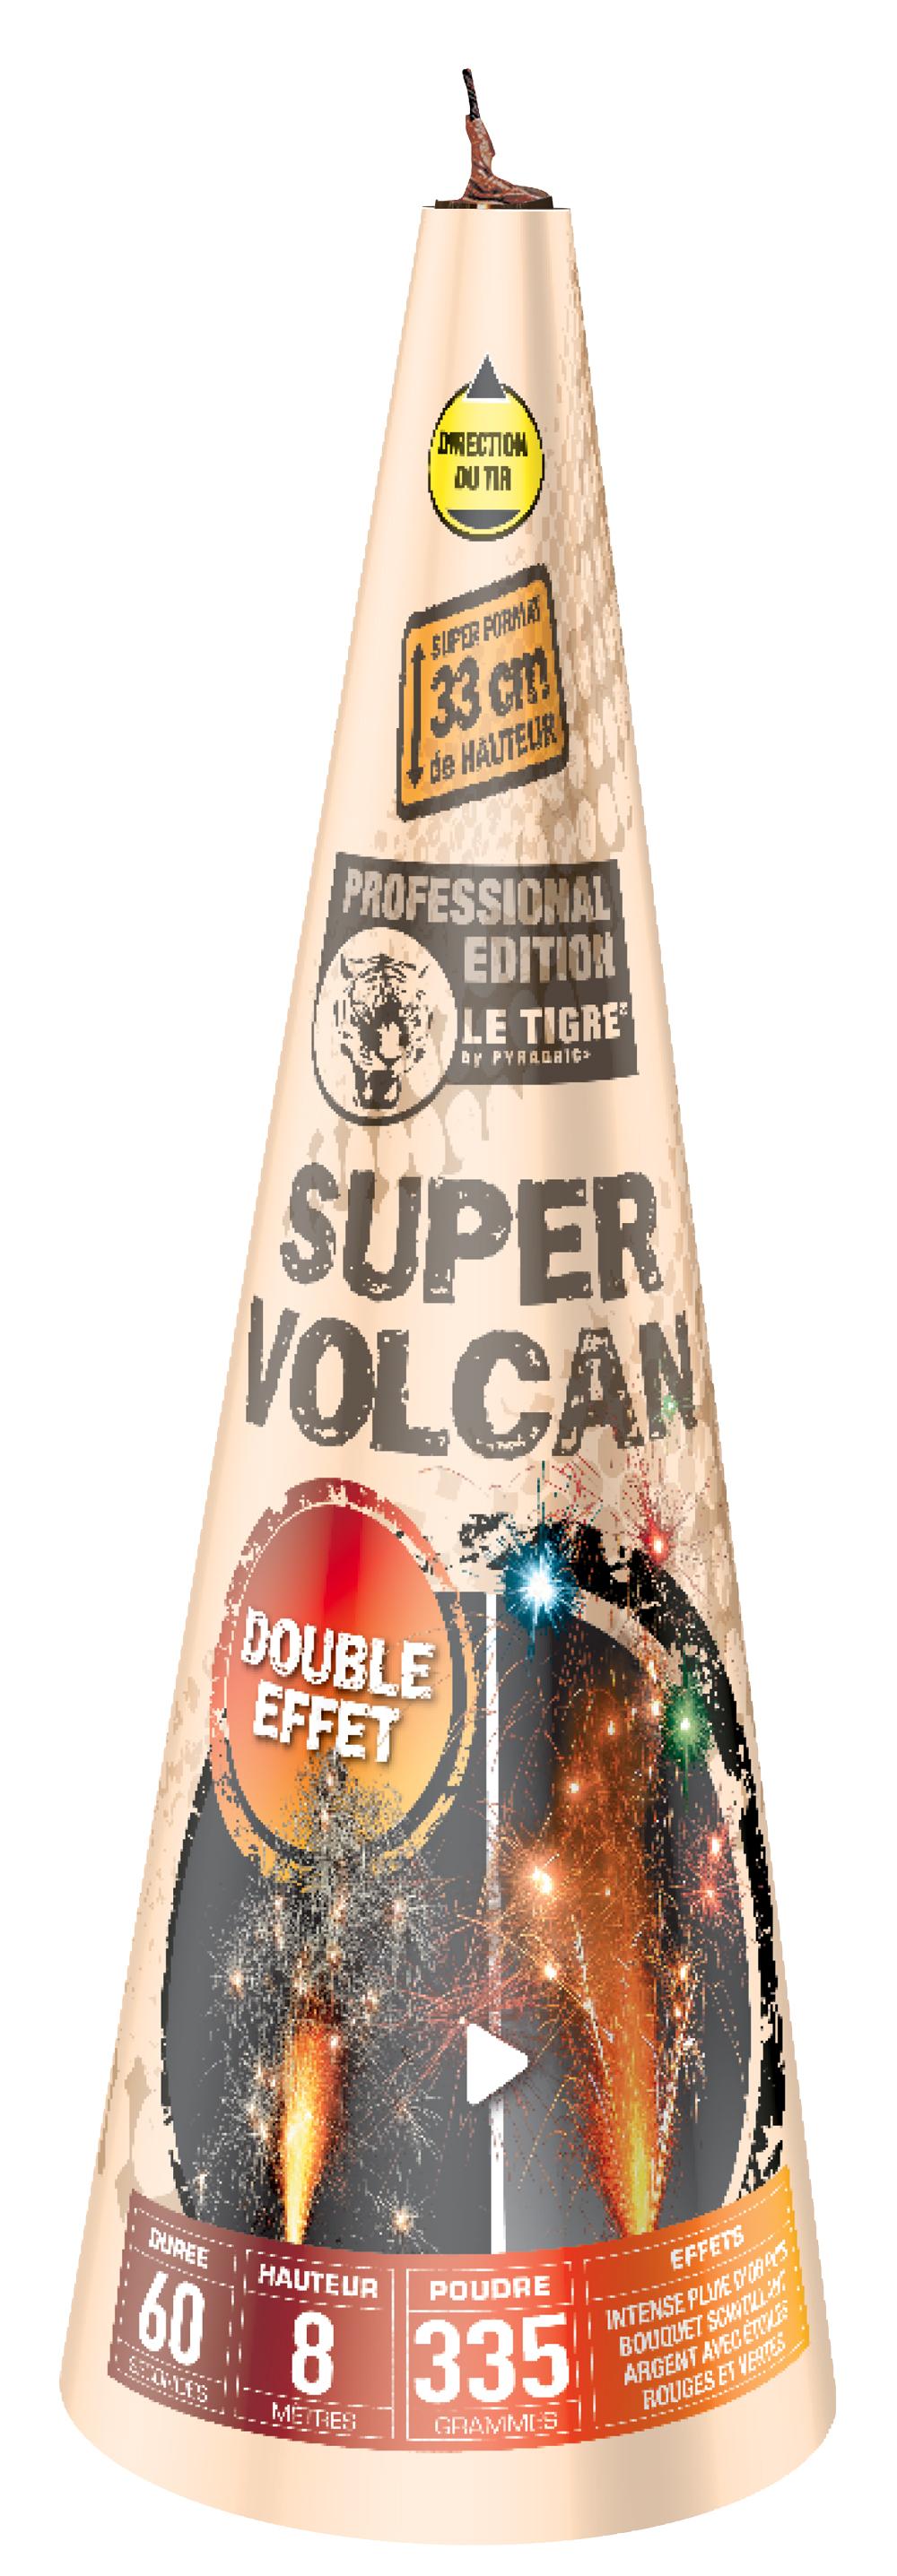 P154472--volcan-3D-double-effet